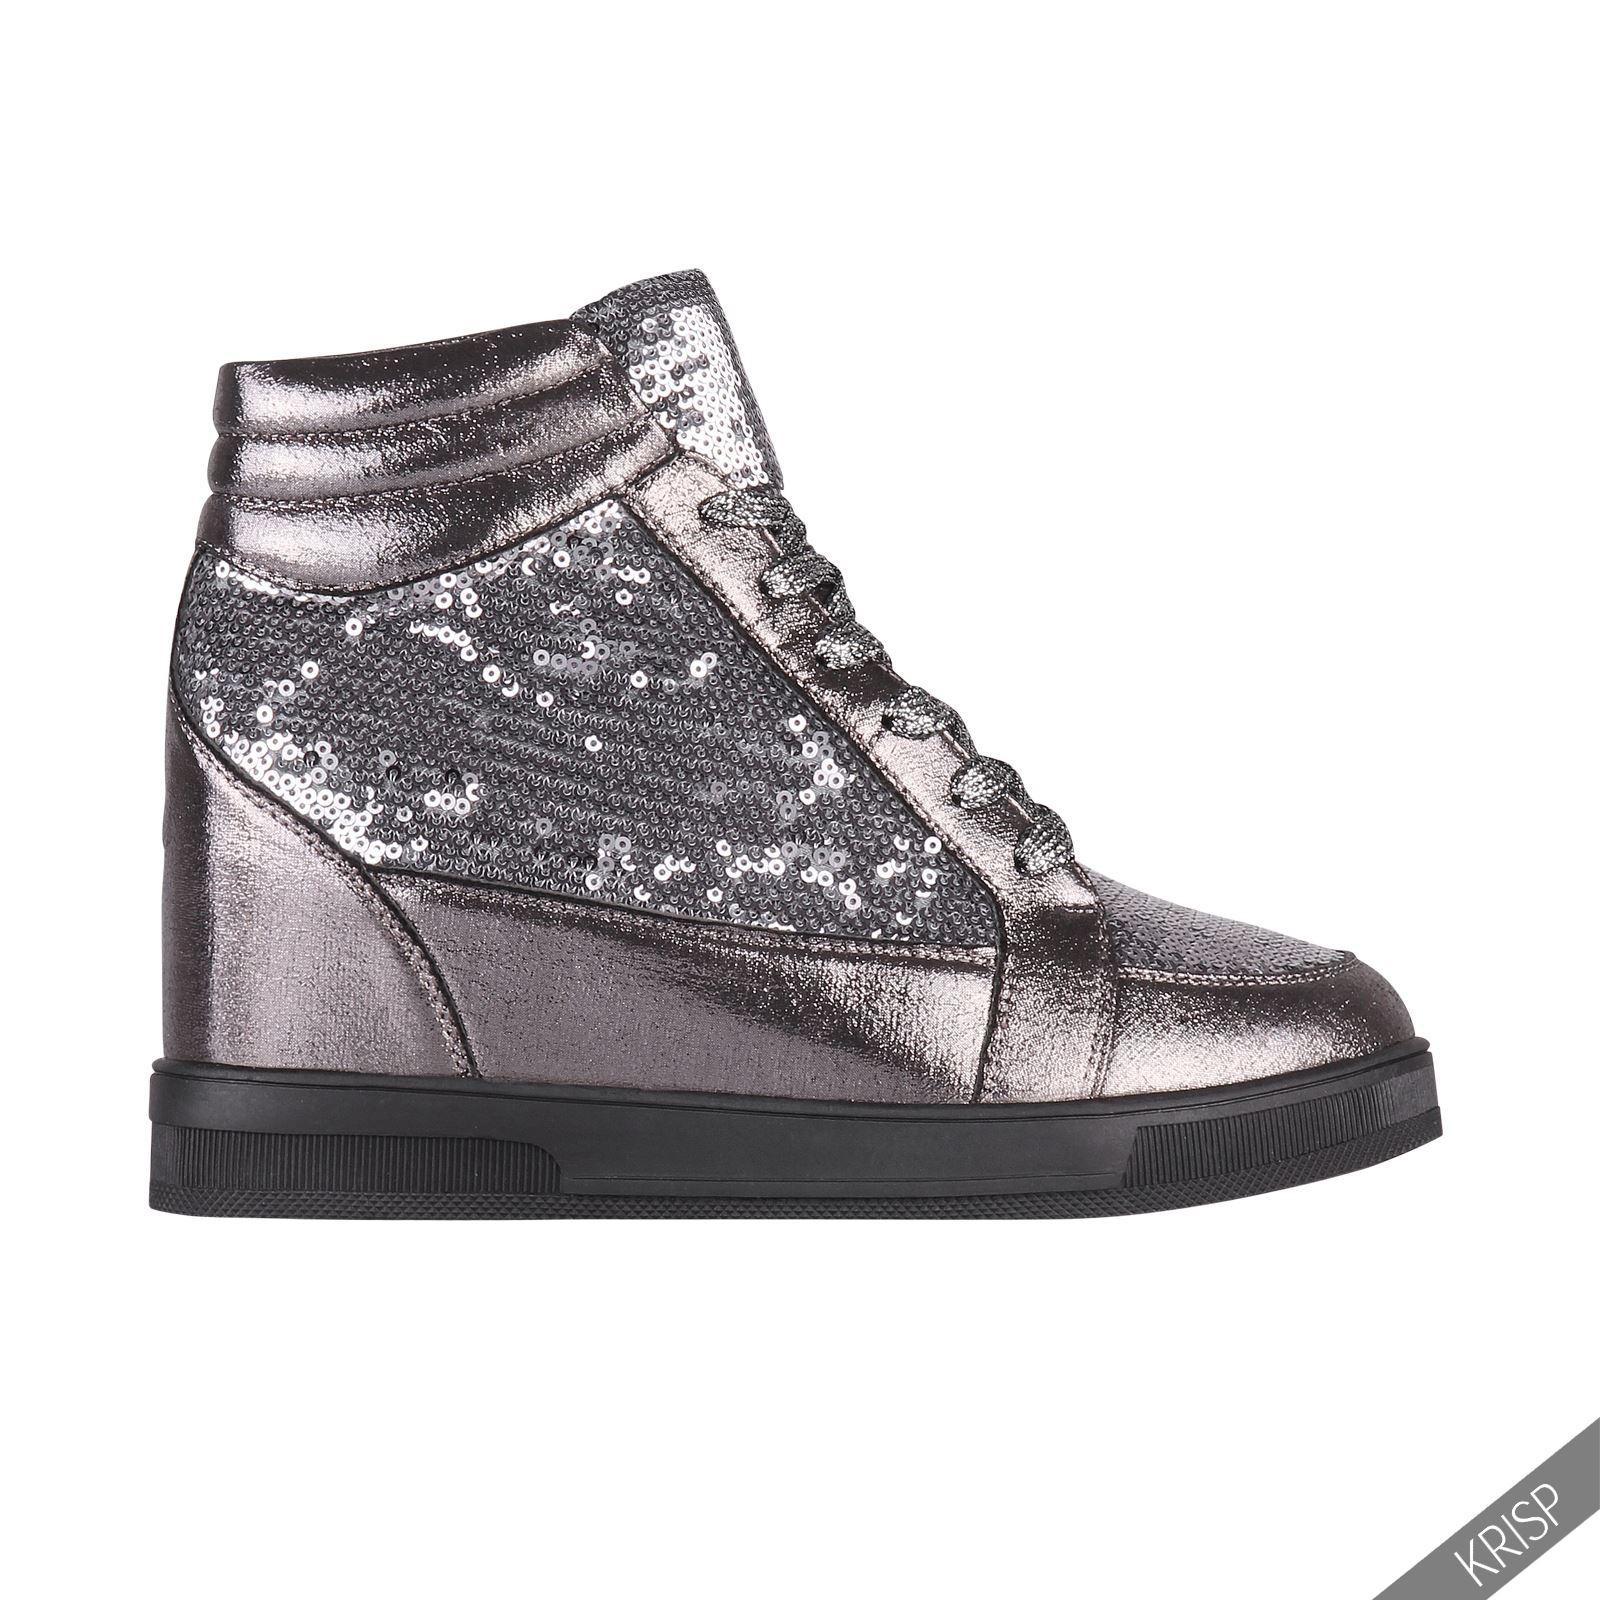 Freizeitschuhe Damen Schuhe TOP Keilabsatz Wedges Sneakers 8078 Blau 38